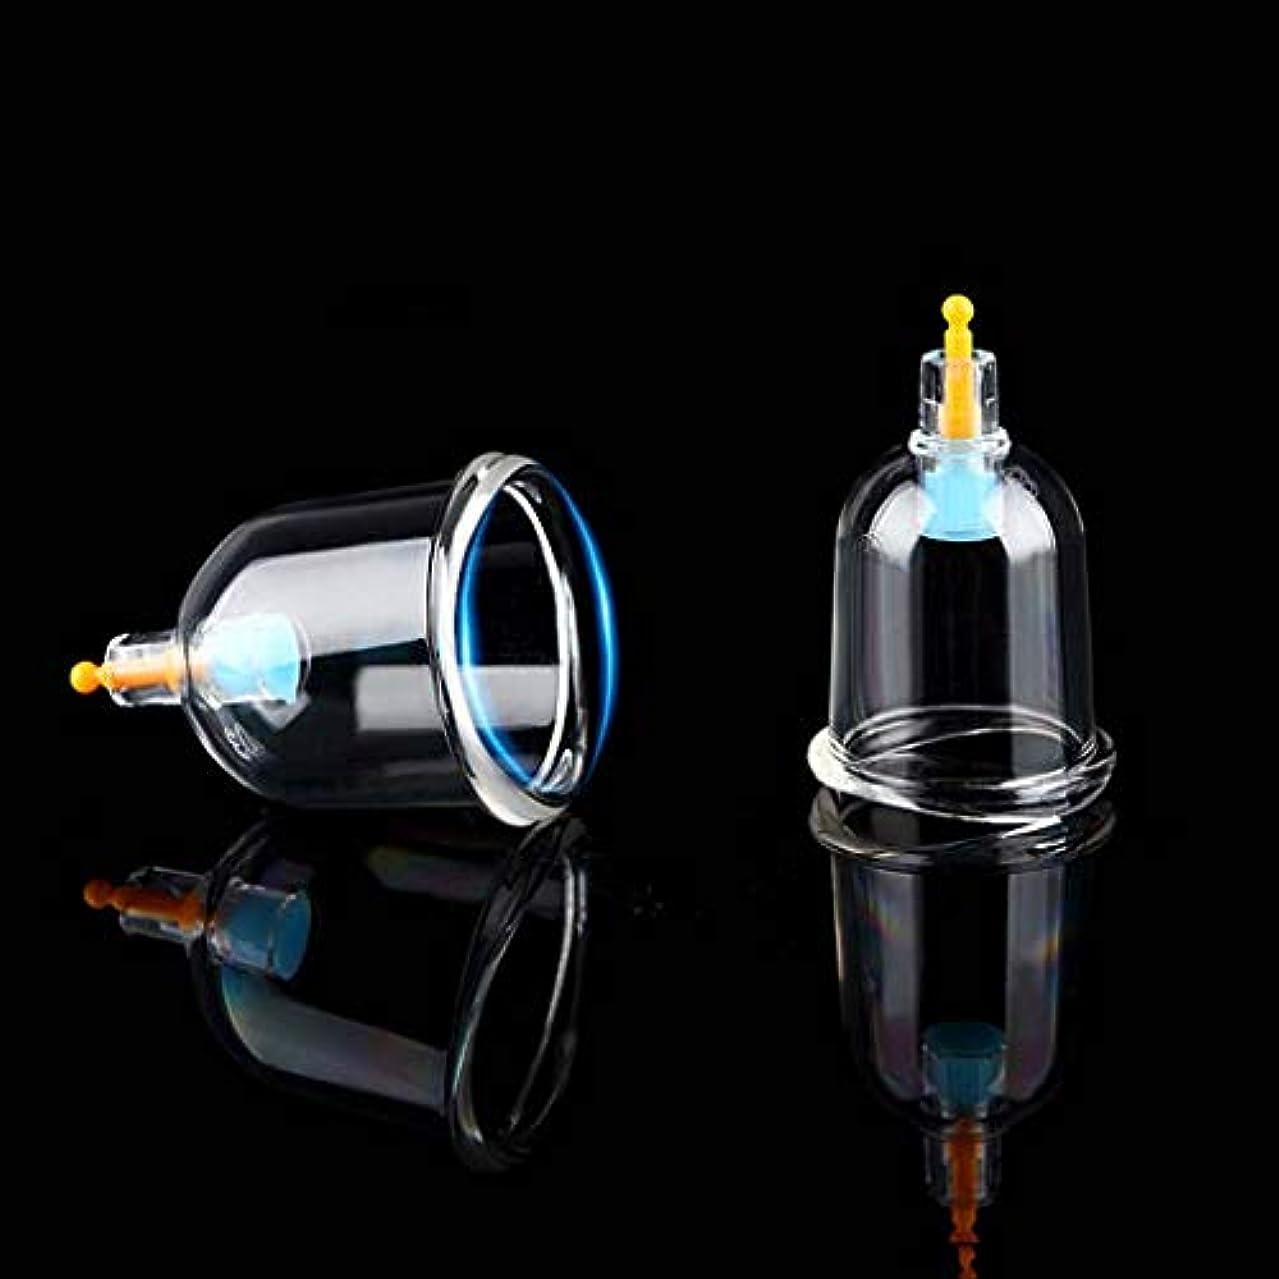 弱点テクスチャー援助セットカッピング、プロフェッショナル中国のツボカッピングセラピーは真空ポンプ磁気セルライトカッピングマッサージキット-12カップで吸引カッピングセットを設定します。